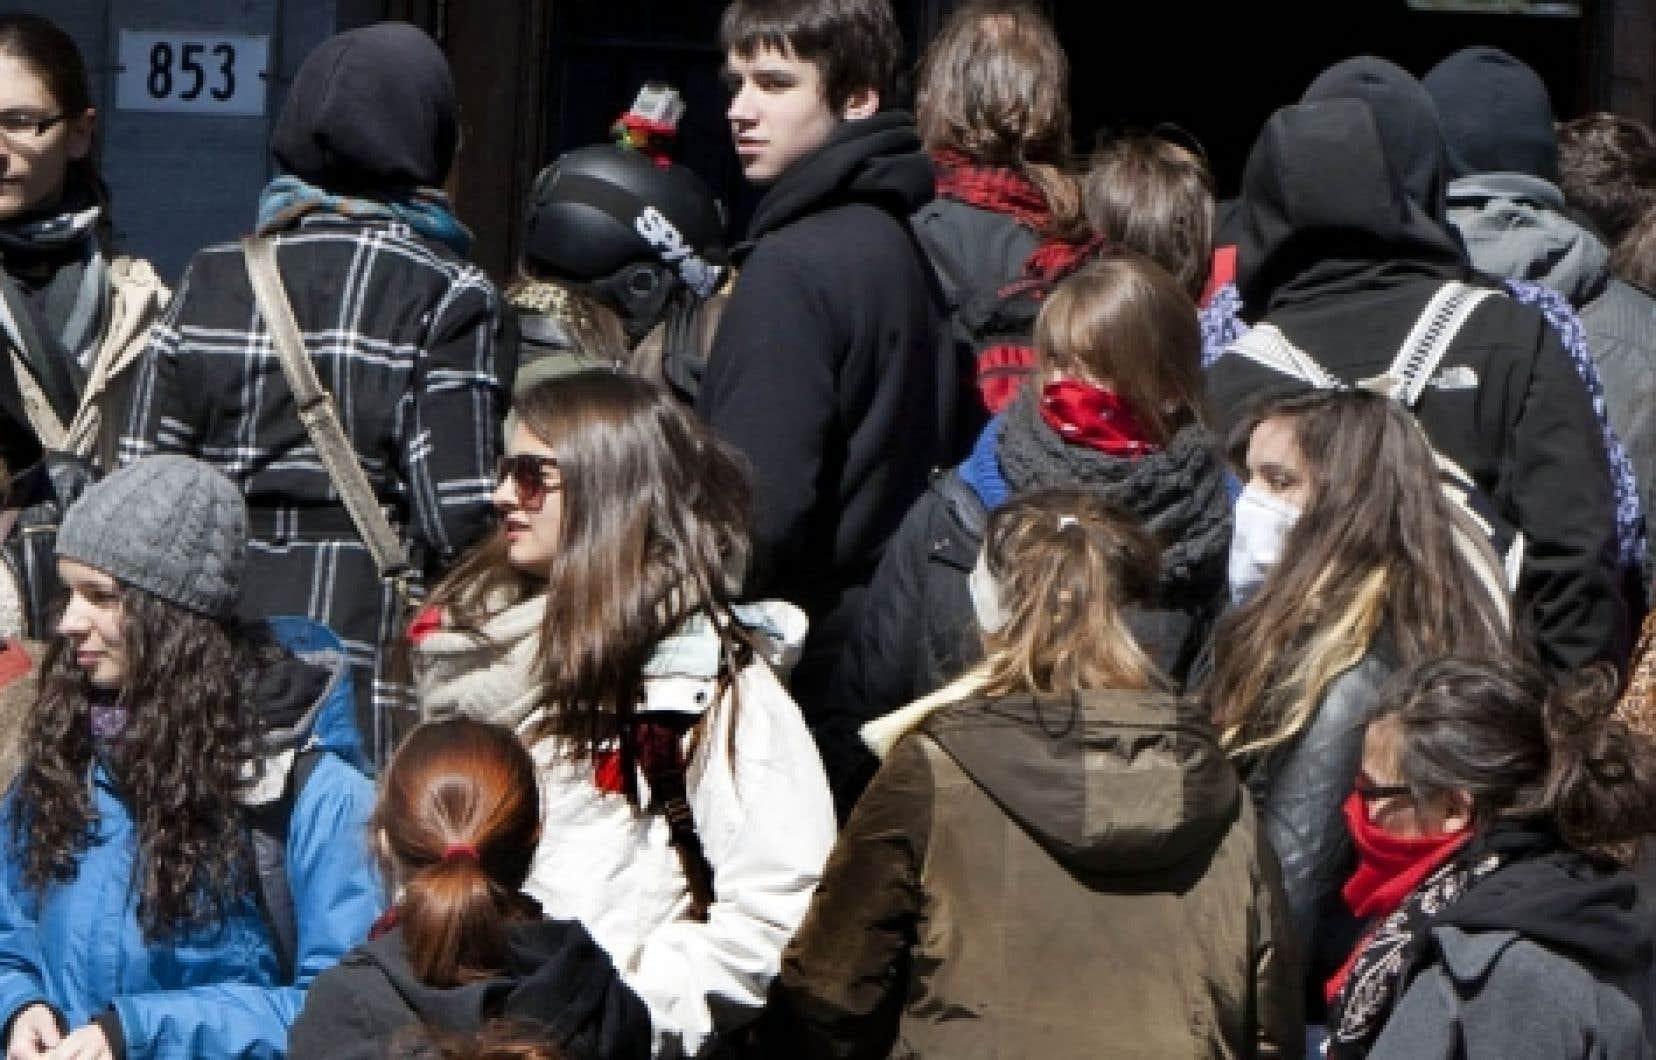 Des &eacute;tudiants de l&rsquo;Universit&eacute; McGill, manifestant hier devant leur &eacute;tablissement pour d&eacute;noncer la hausse des droits de scolarit&eacute;.<br />